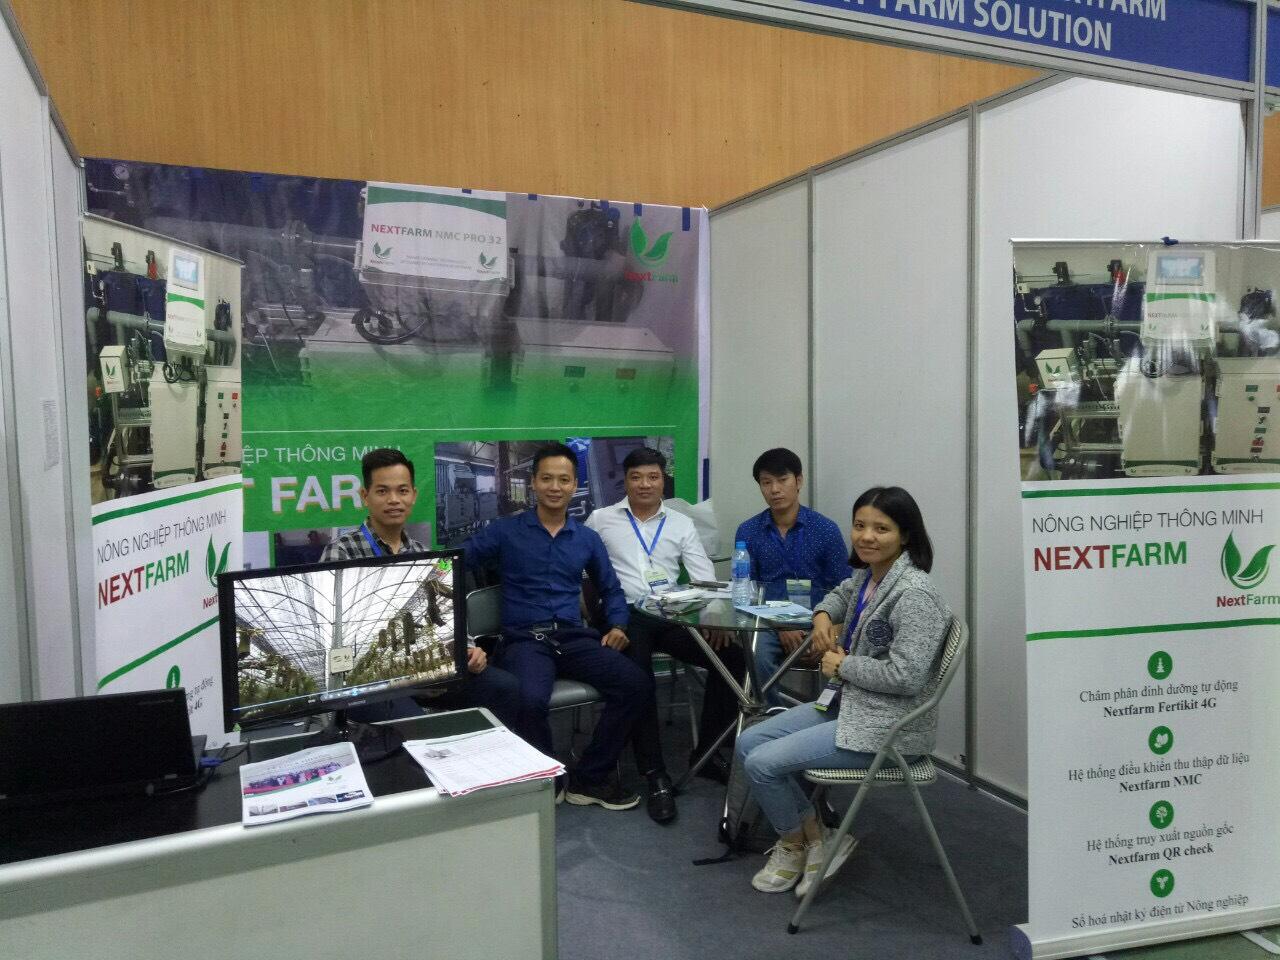 Nextfarm tại gian hàng triển lãm Nông Lâm Ngư Nghiệp Growtech Vietnam 2019 tại 91 Trần Hưng Đạo